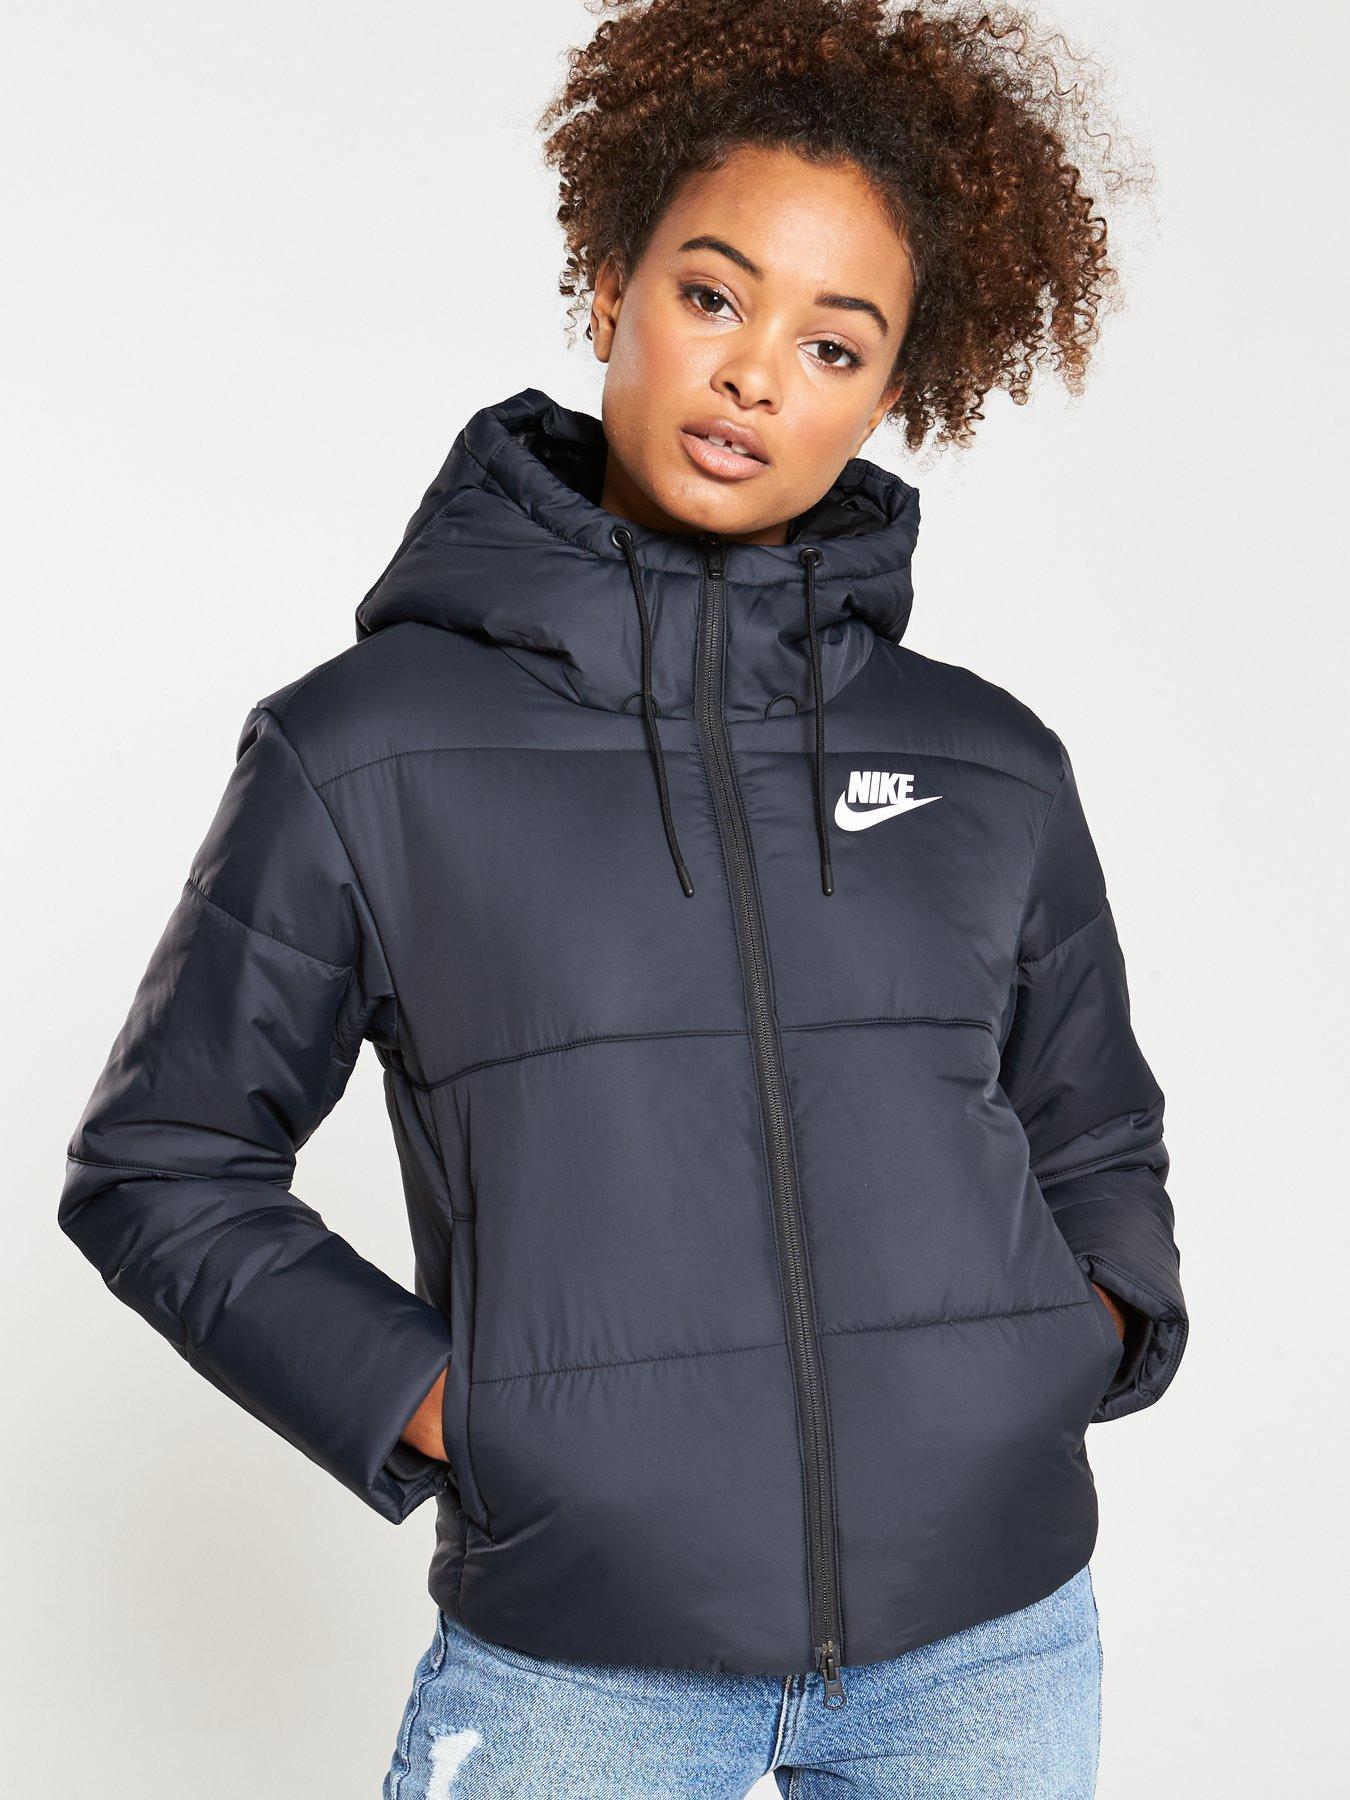 Nike For Women | Nike Womens Clothing